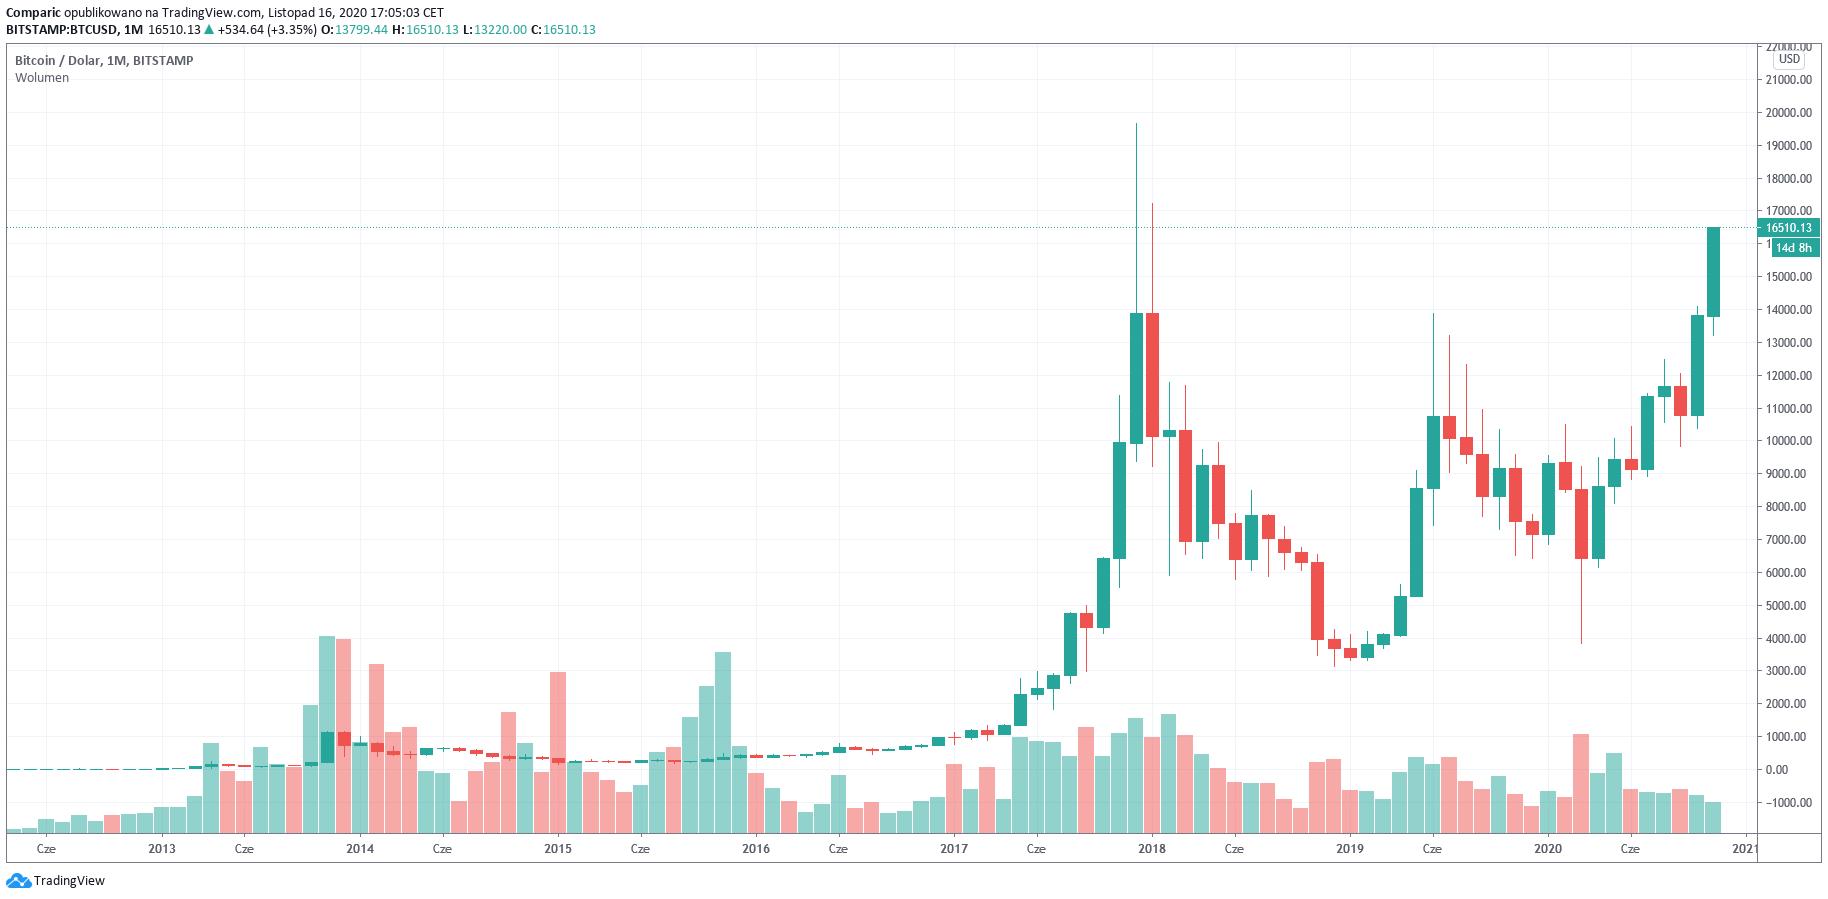 Bitcoin i Ethereum były doskonałą okazją inwestycyjną dla znanego inwestora